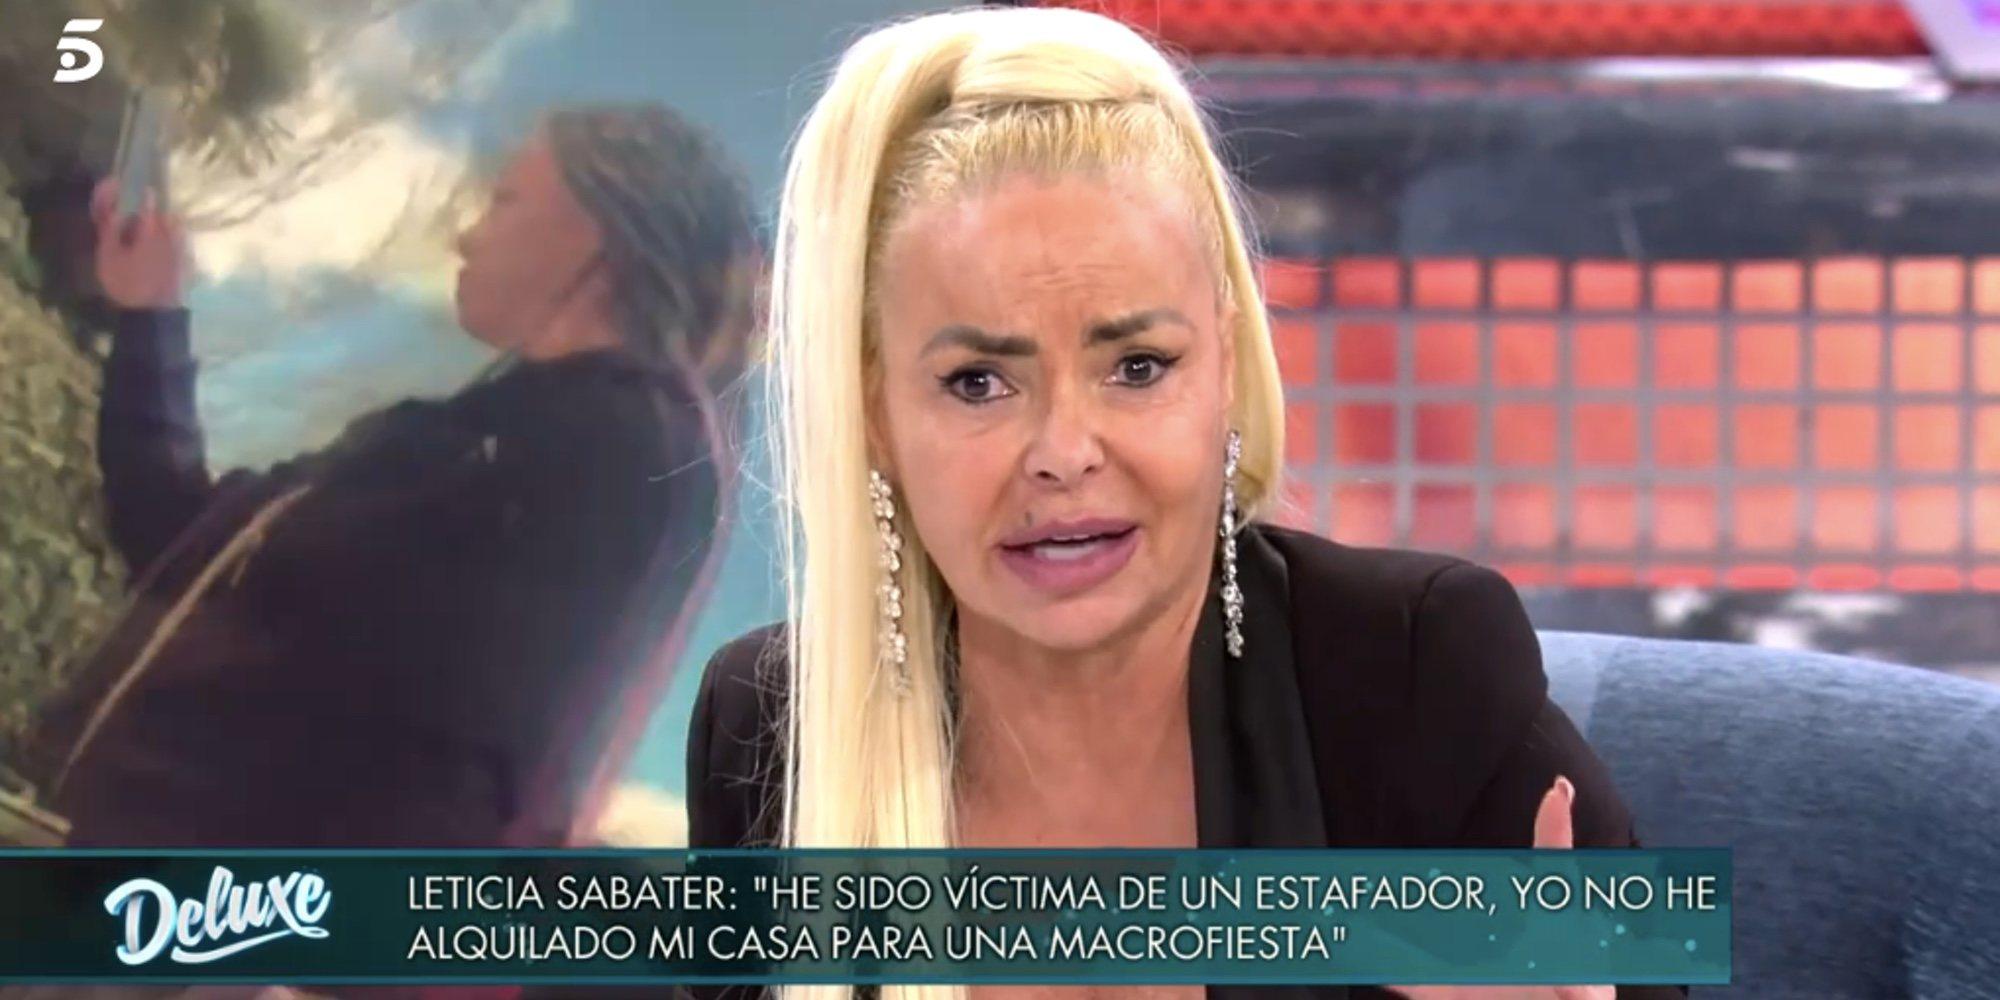 Leticia Sabater reaparece tras la fiesta ilegal en su casa y asegura que ha puesto varias demandas